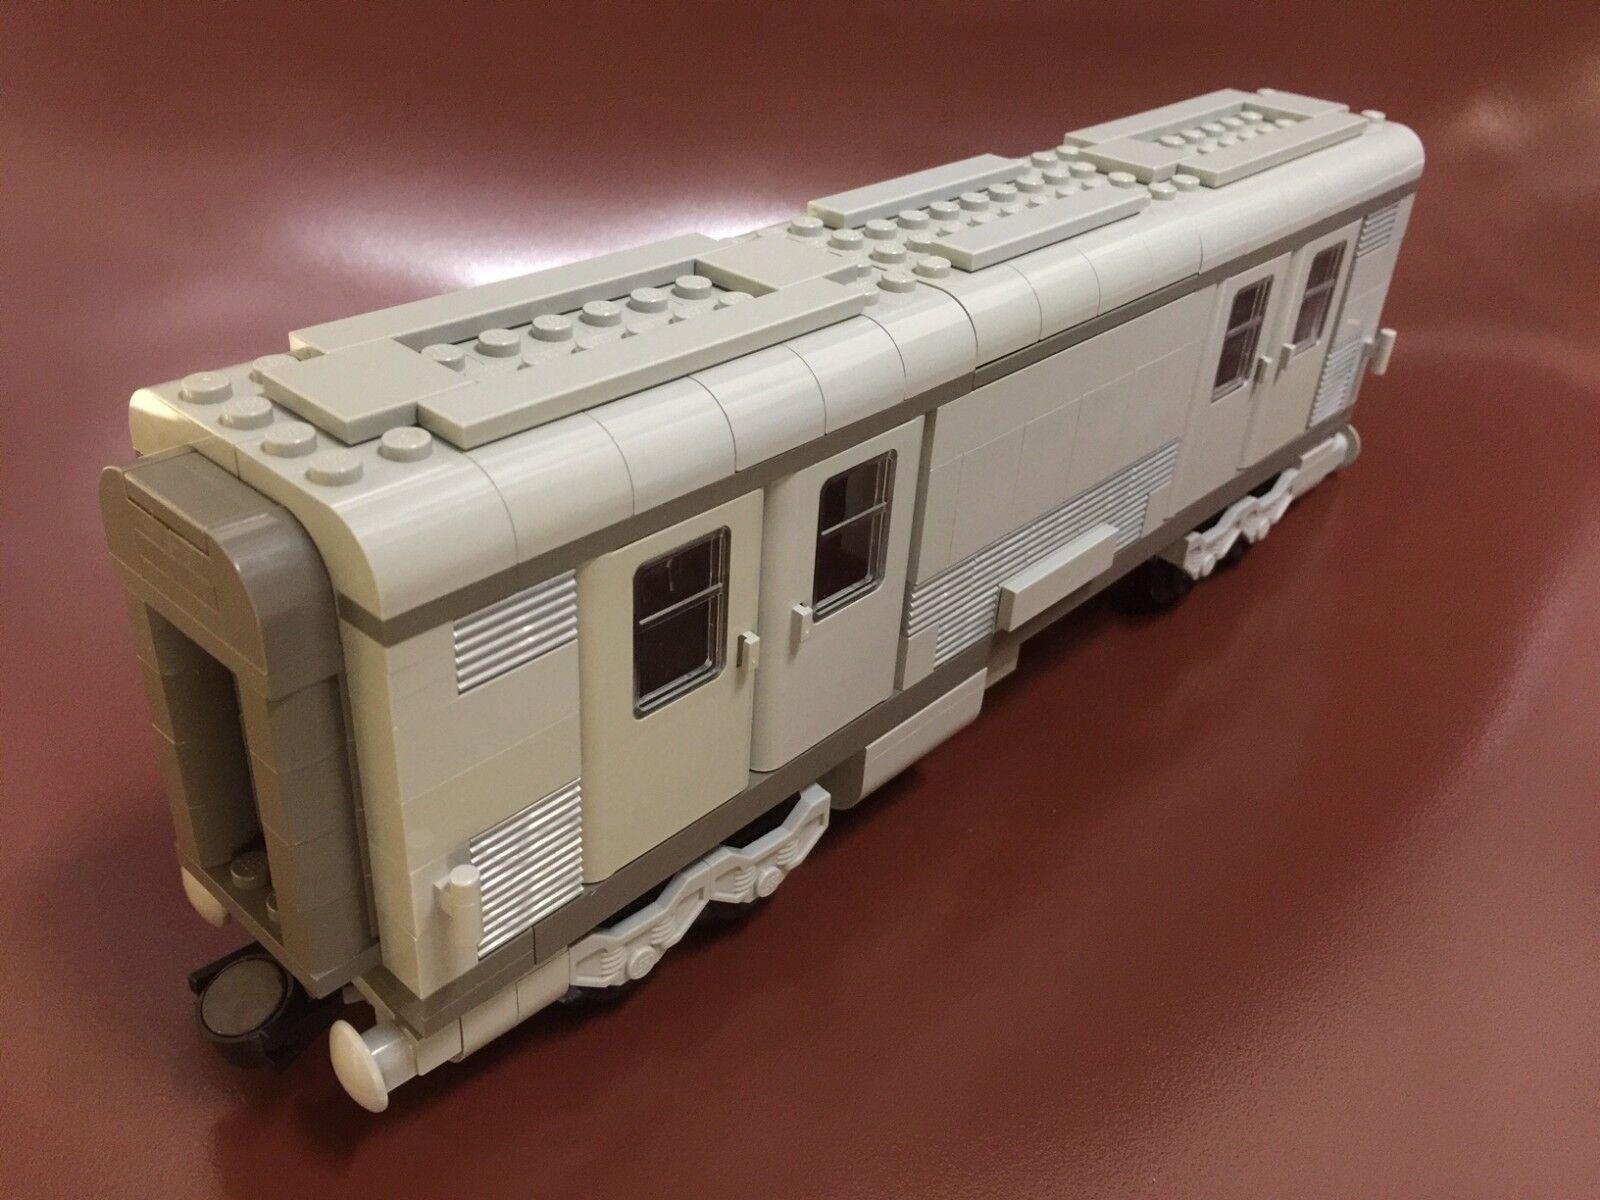 Raro conjunto de coches de LEGO de 10025 Santa Fe 1 con manuales + Nuevo Pegatinas 2002 Usado